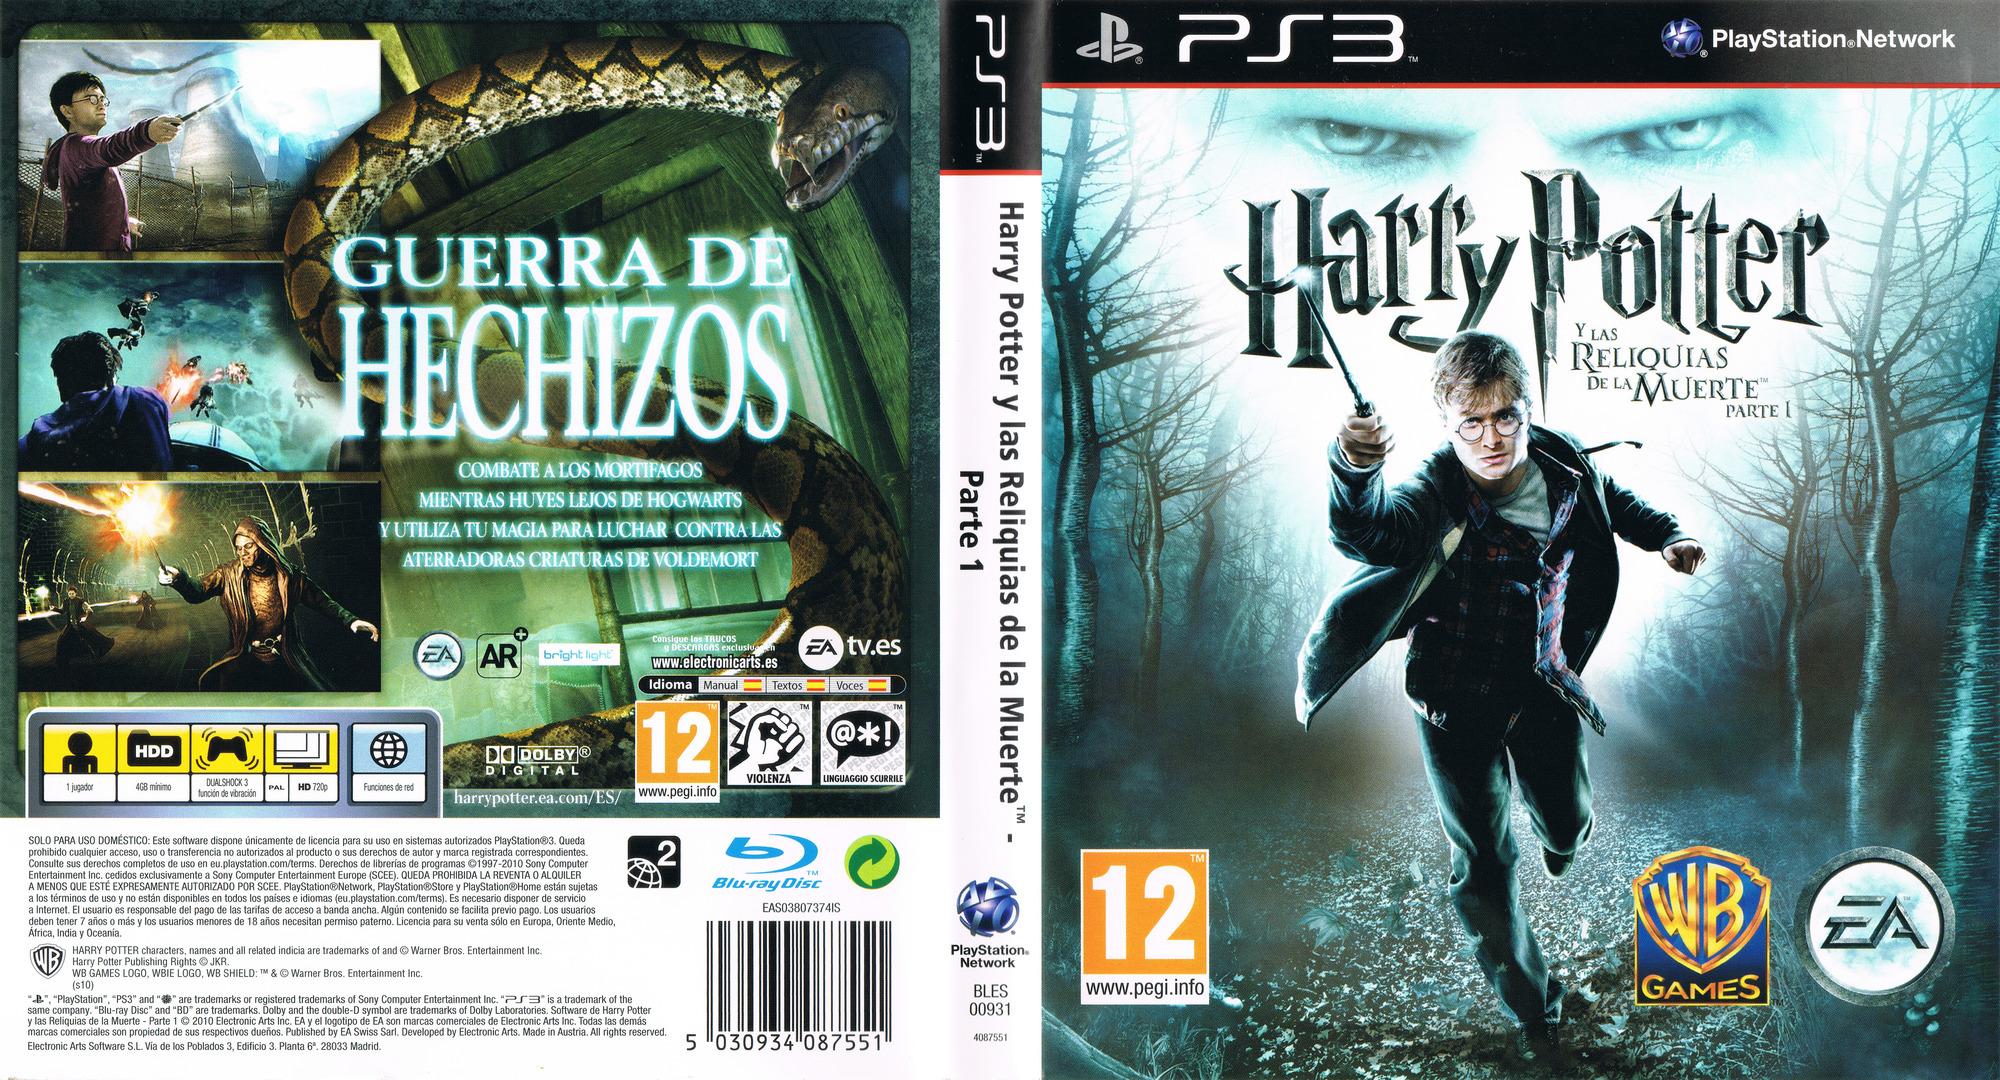 Harry Potter y Las Reliquias de la Muerte: Parte 1 PS3 coverfullHQ (BLES00931)